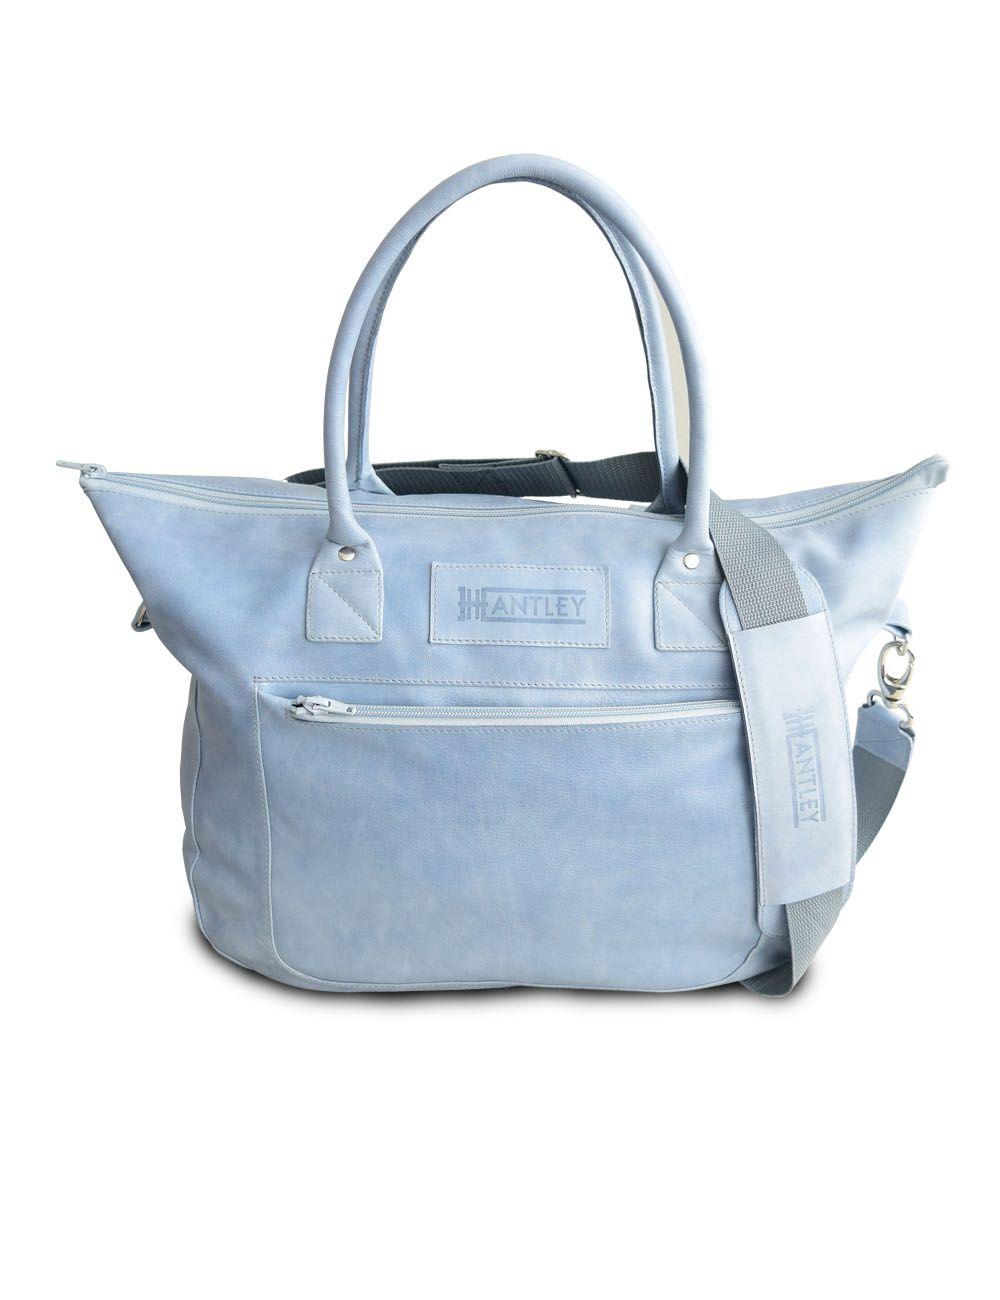 c450124febb9 Легкая женская спортивная сумка из натуральной кожи небесно-голубого  оттенка. Внутри и снаружи по 2 кармана.